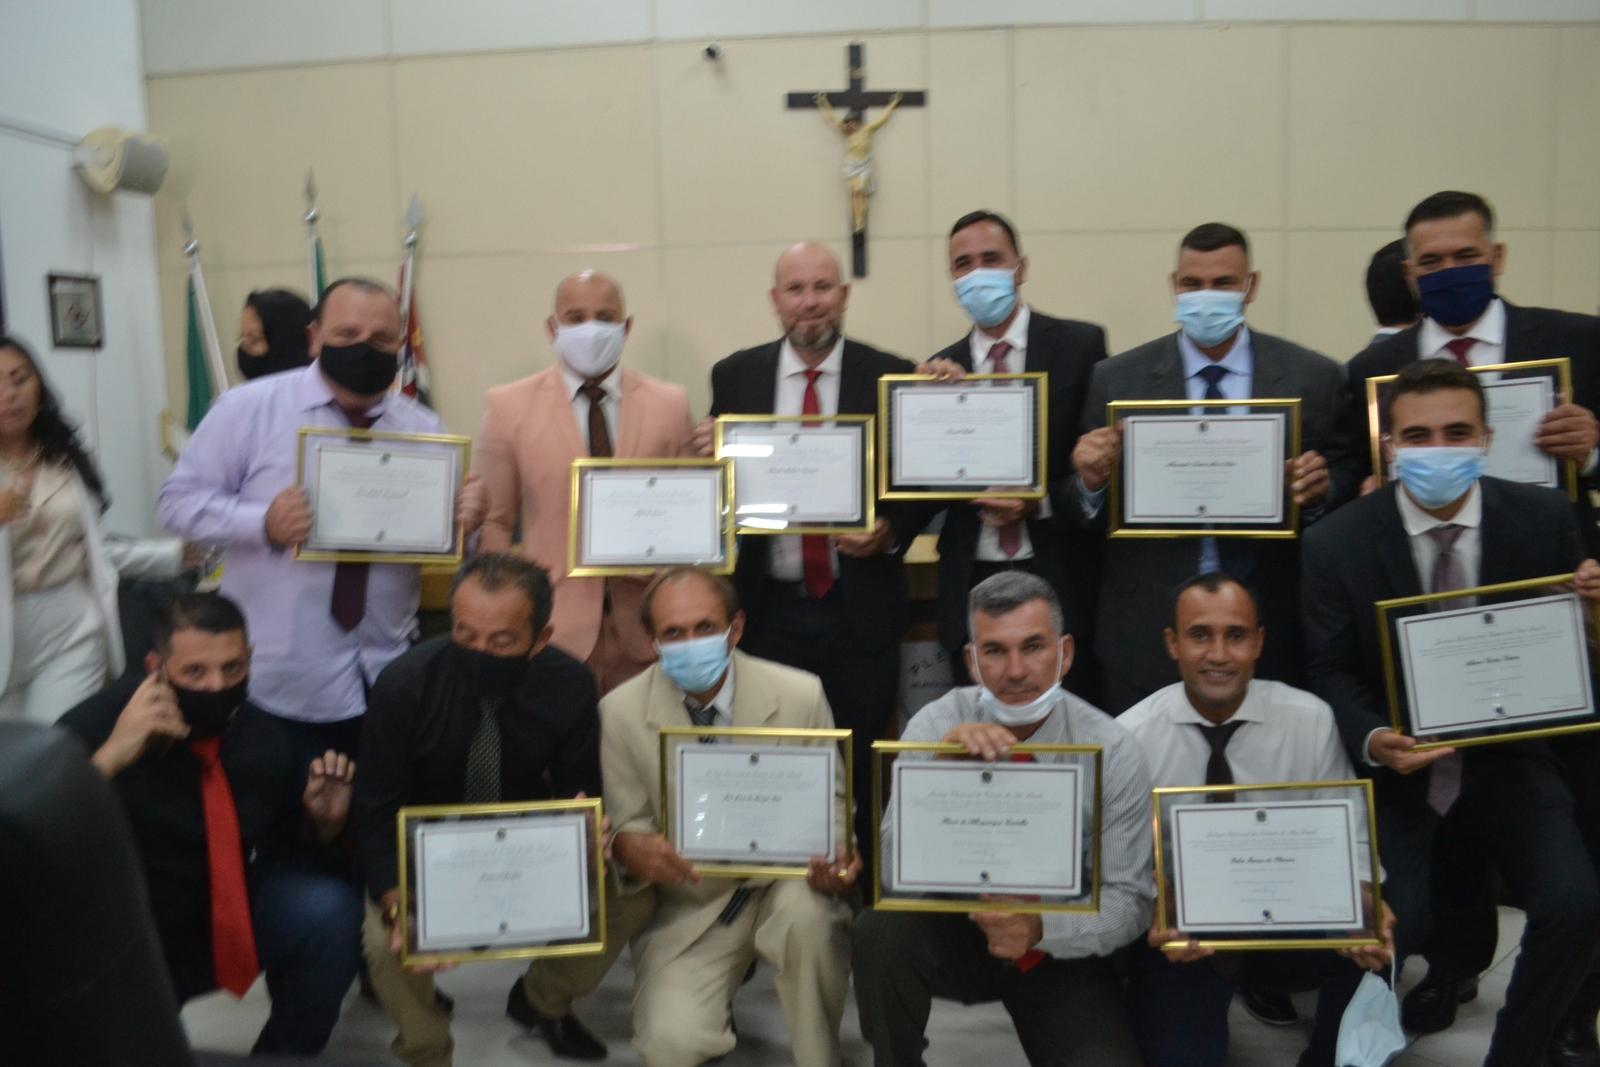 Prefeita, vice-prefeito e vereadores recebem diploma da justiça eleitoral na Câmara Municipal